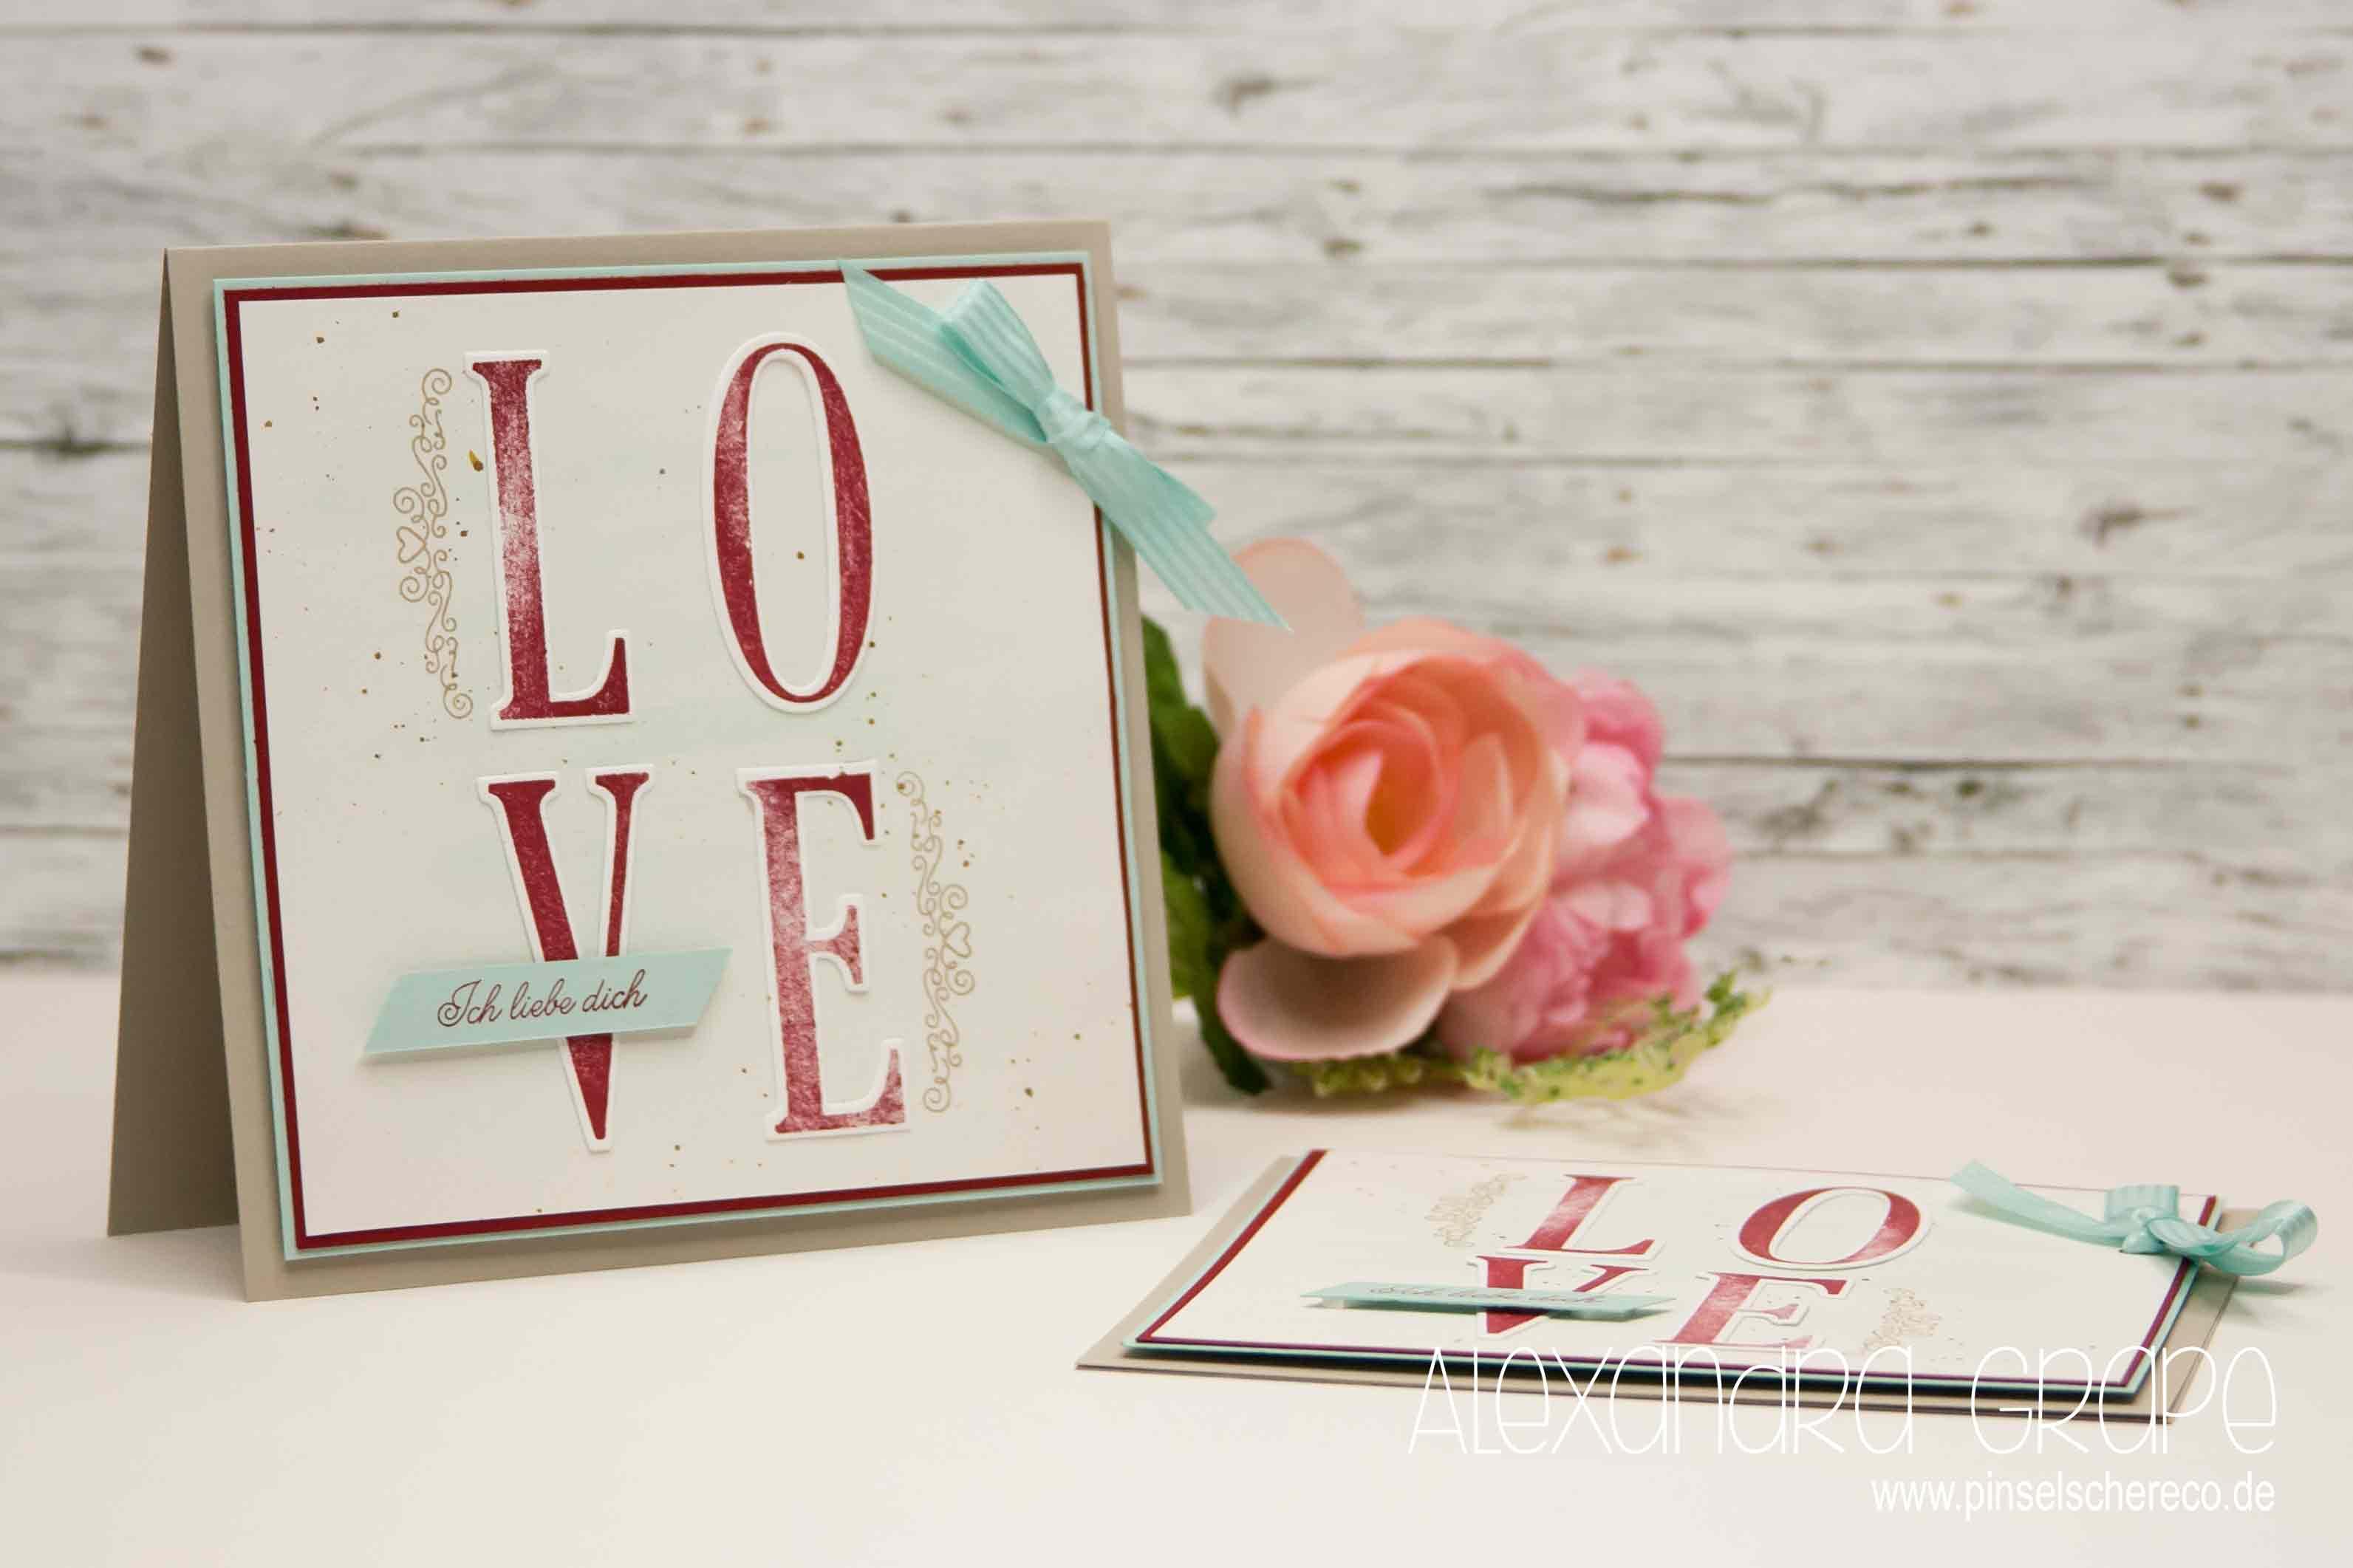 Ihr Habt Den Wunsch Nach Einer Grußkarte Zum Valentinstag An Mich  Herangetragen. Und Wie Immer Erfülle Ich Euch Eure Wünsche Natürlich Sehr  Gerne.